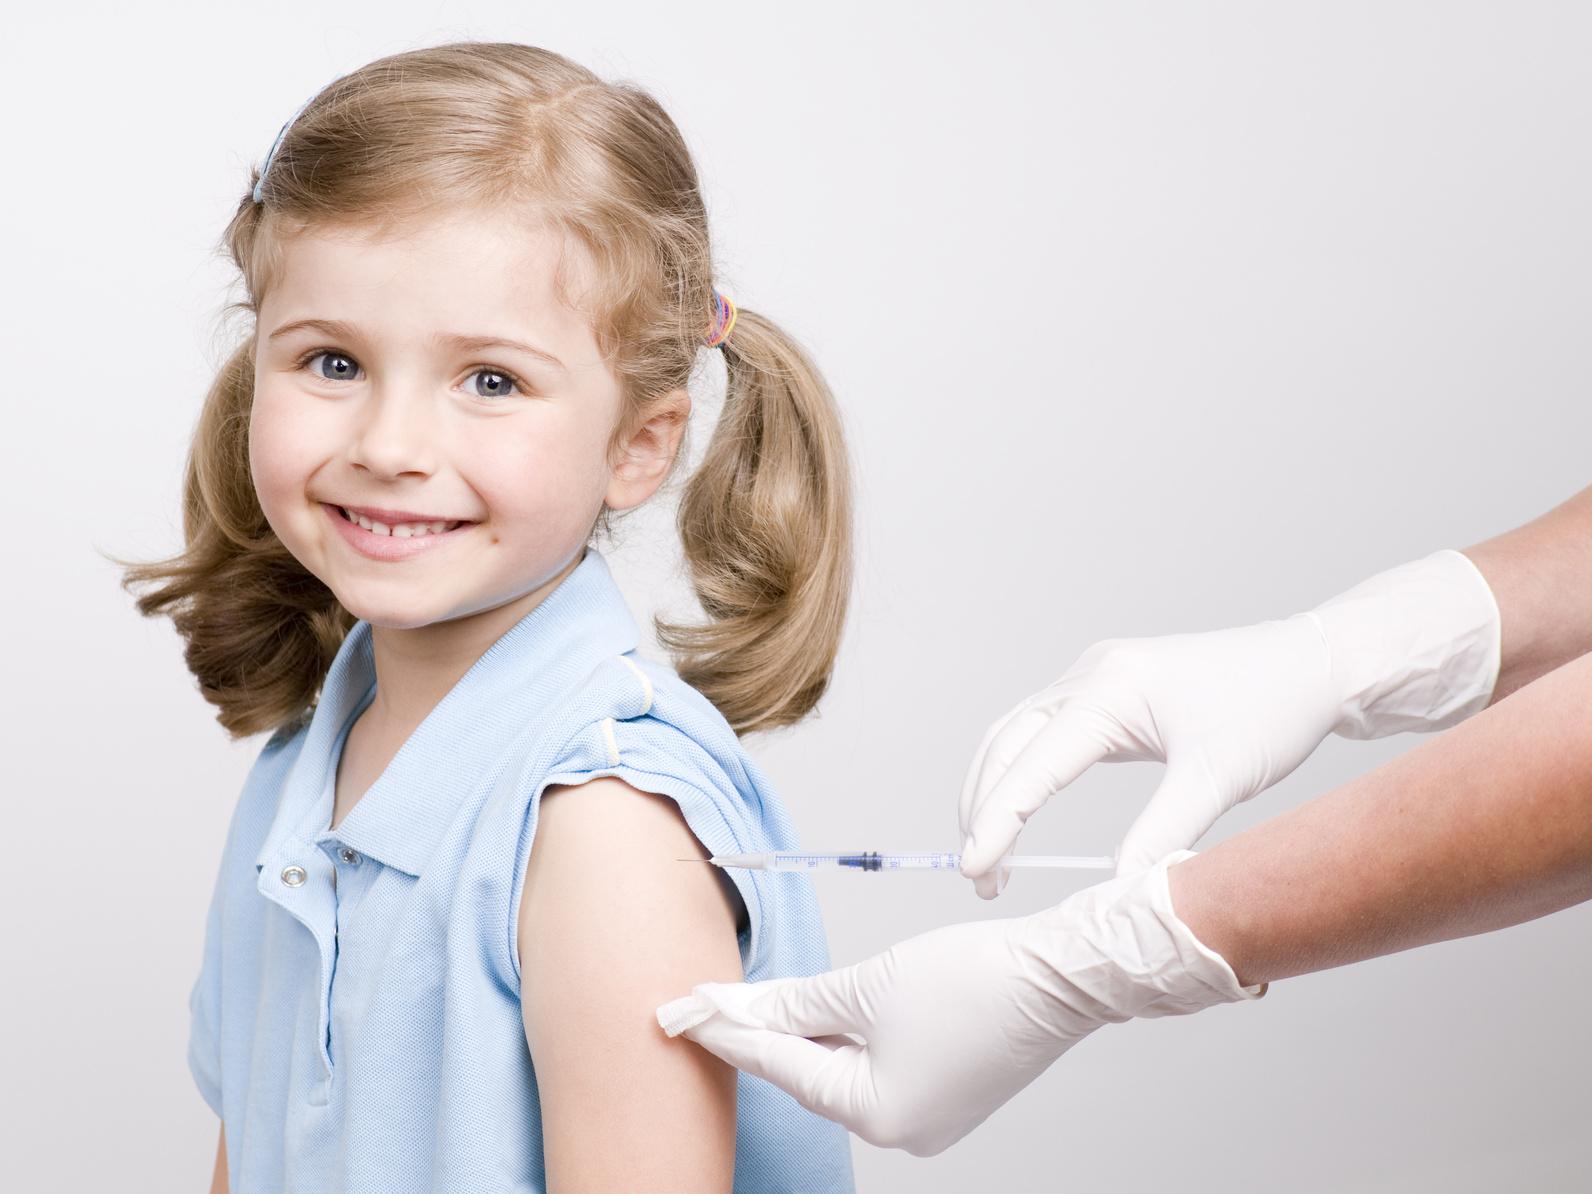 Địa chỉ website đăng ký tiêm vắc-xin online qua mạng